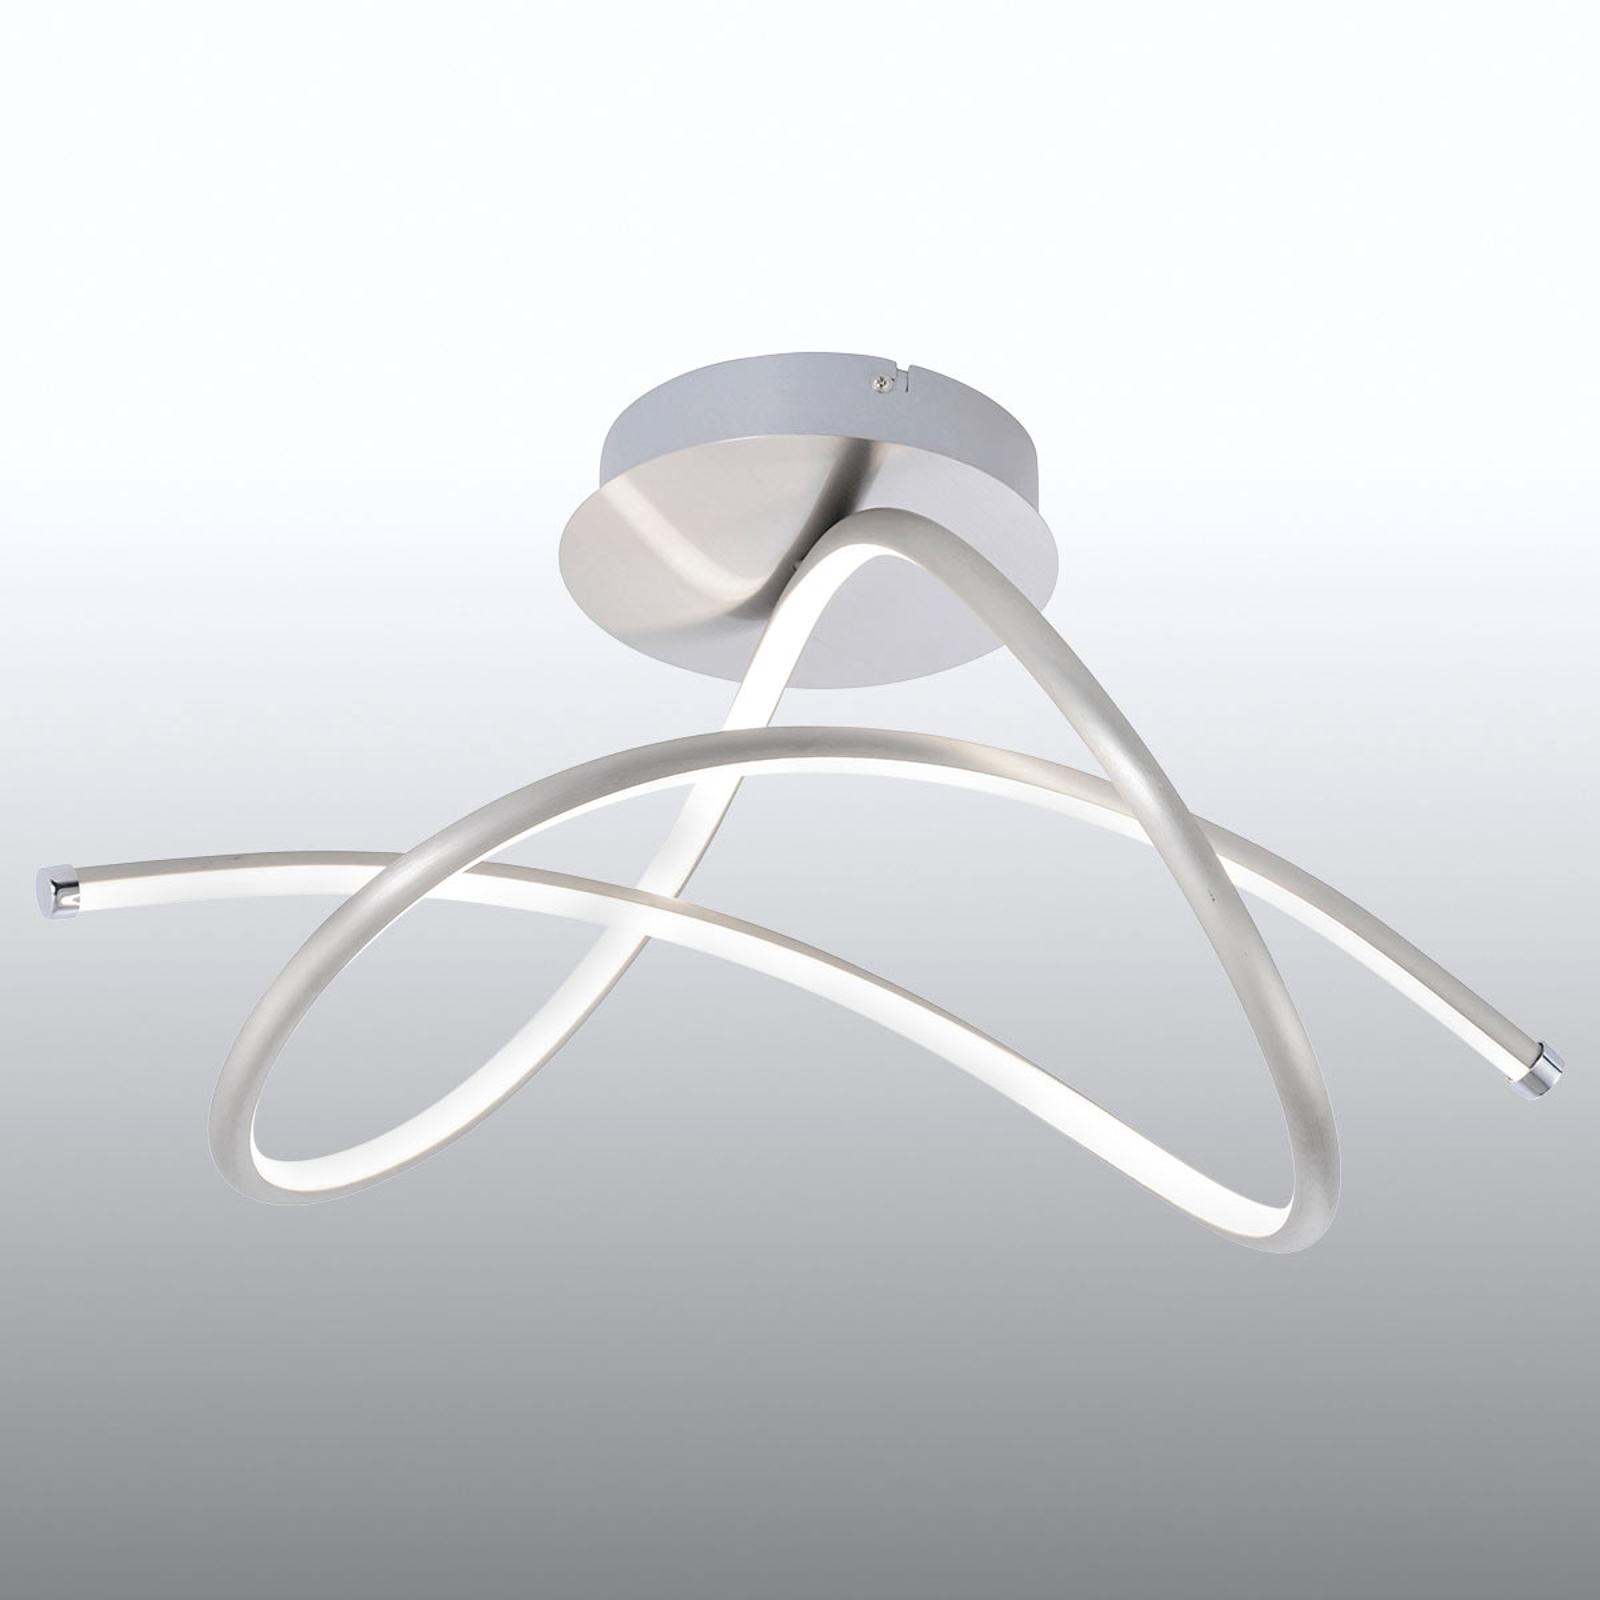 Plafonnier LED aux courbes dynamiques Violetta